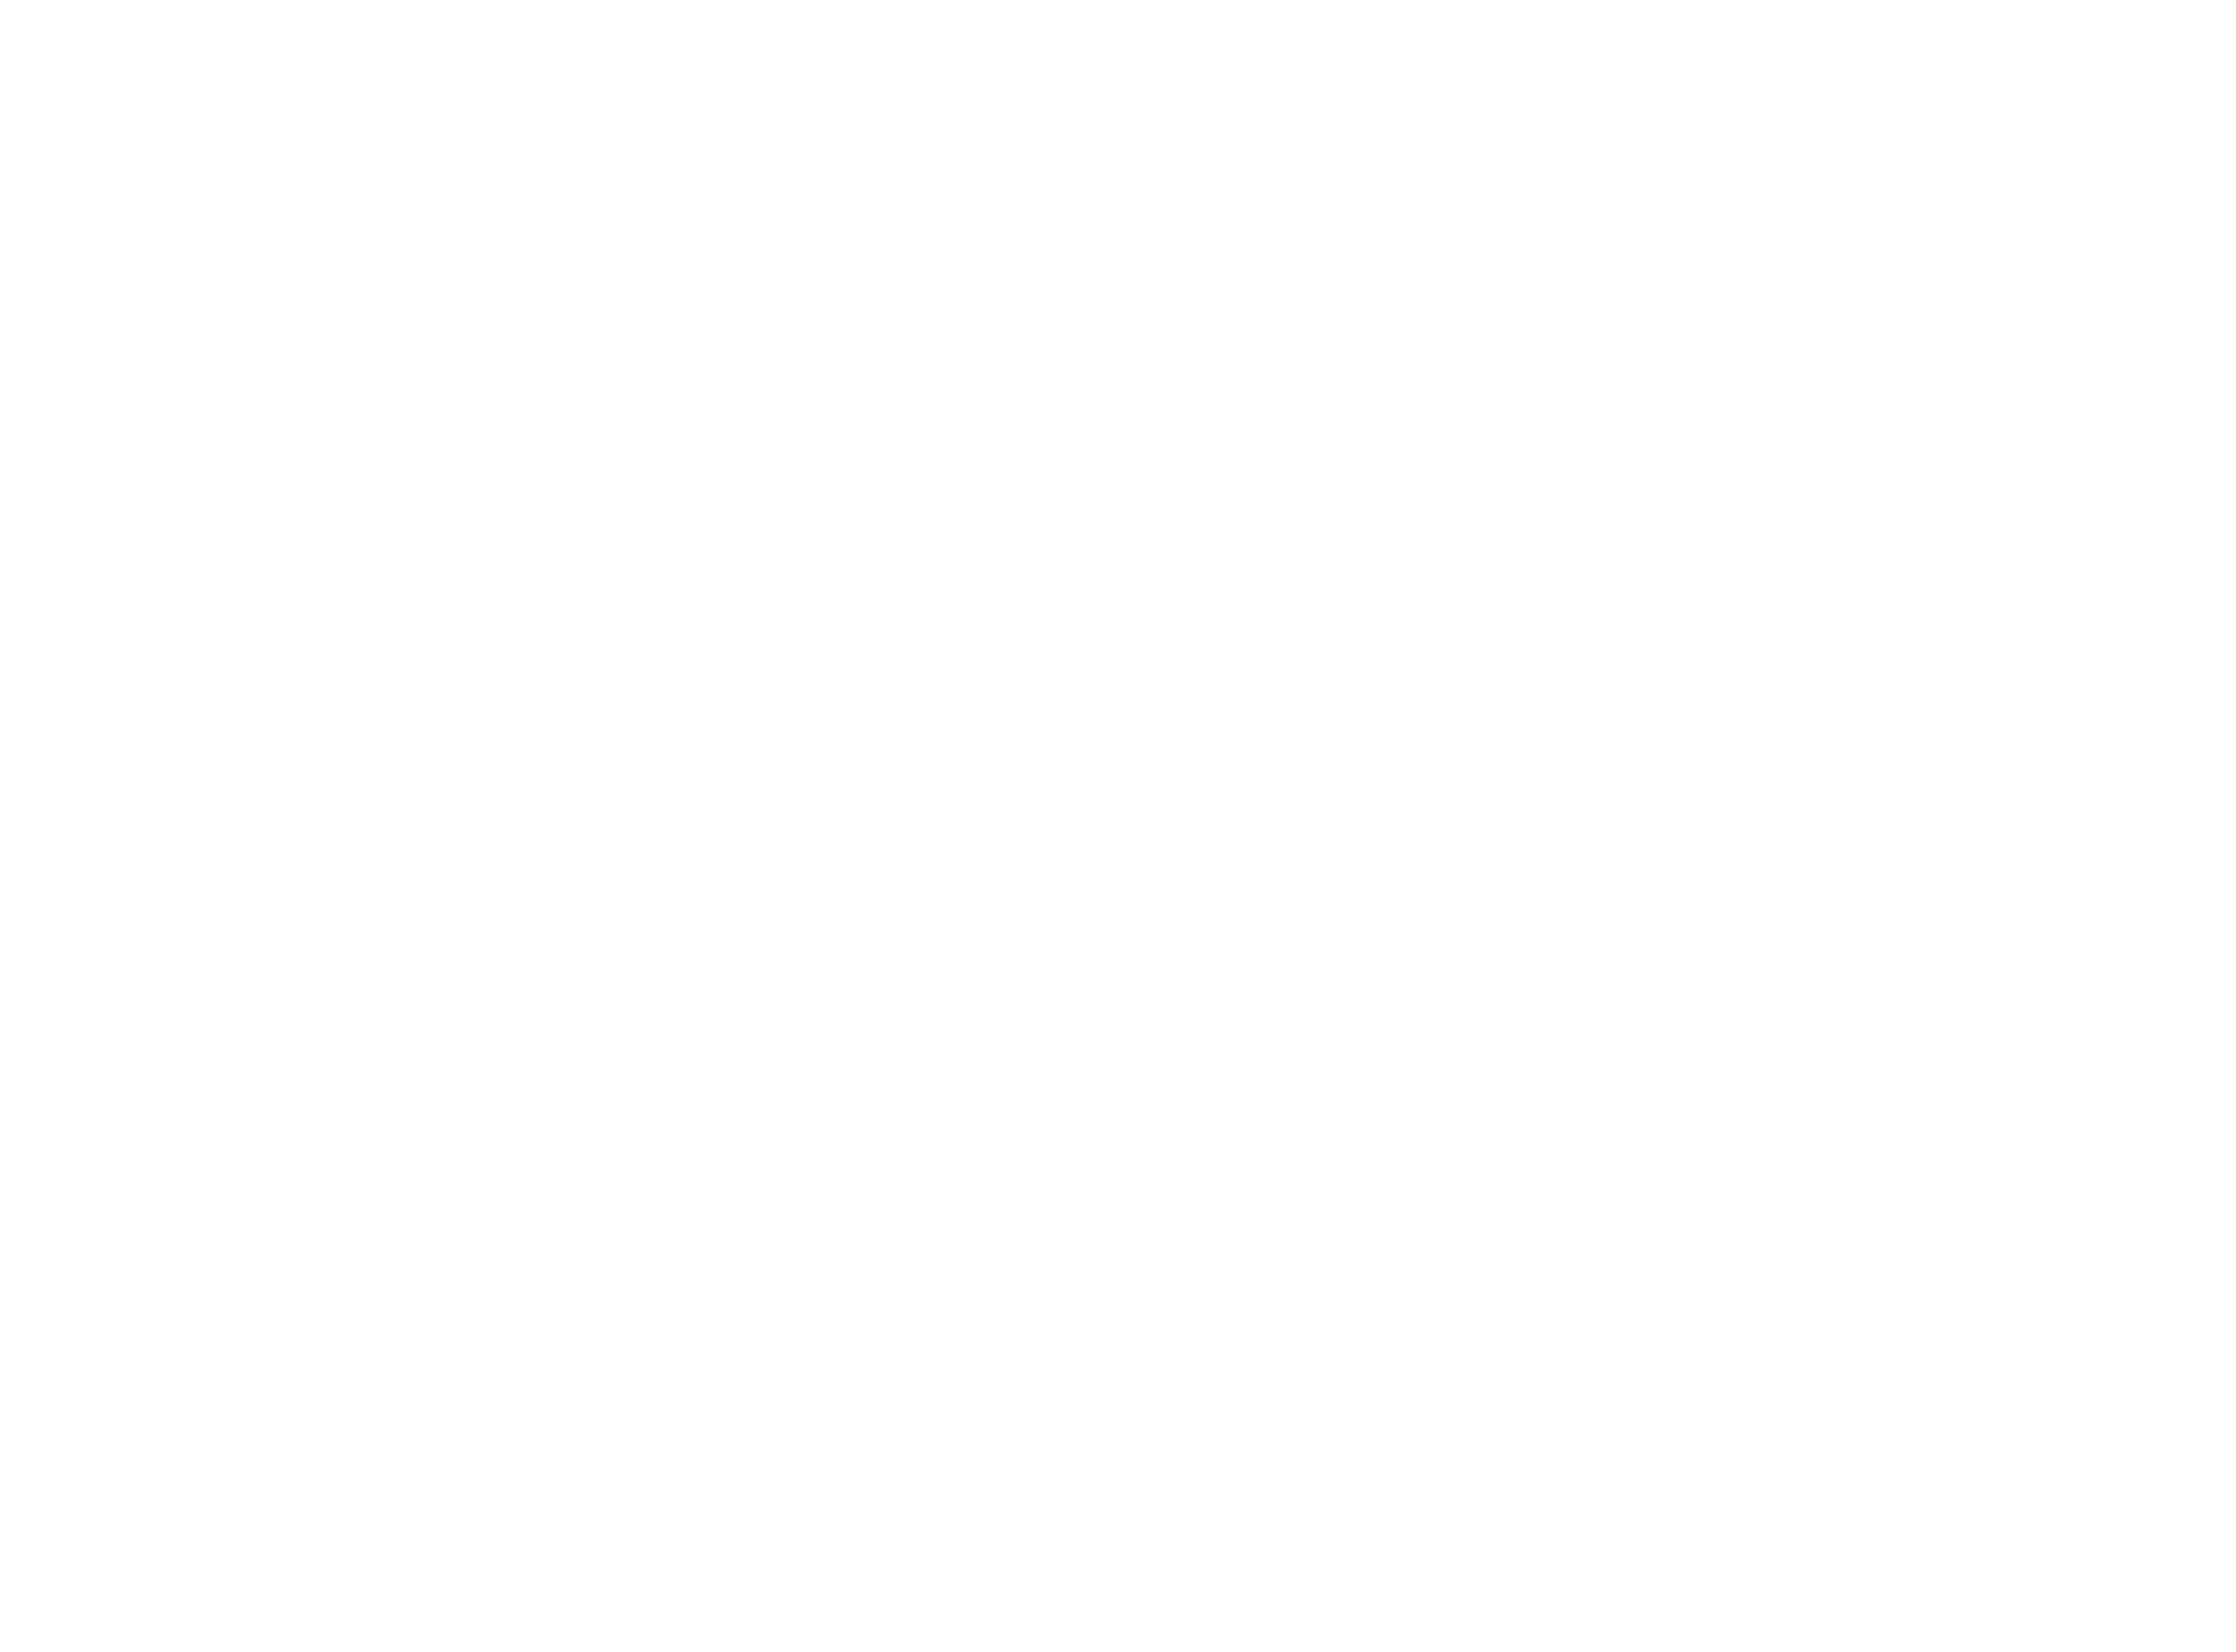 White logo shaded